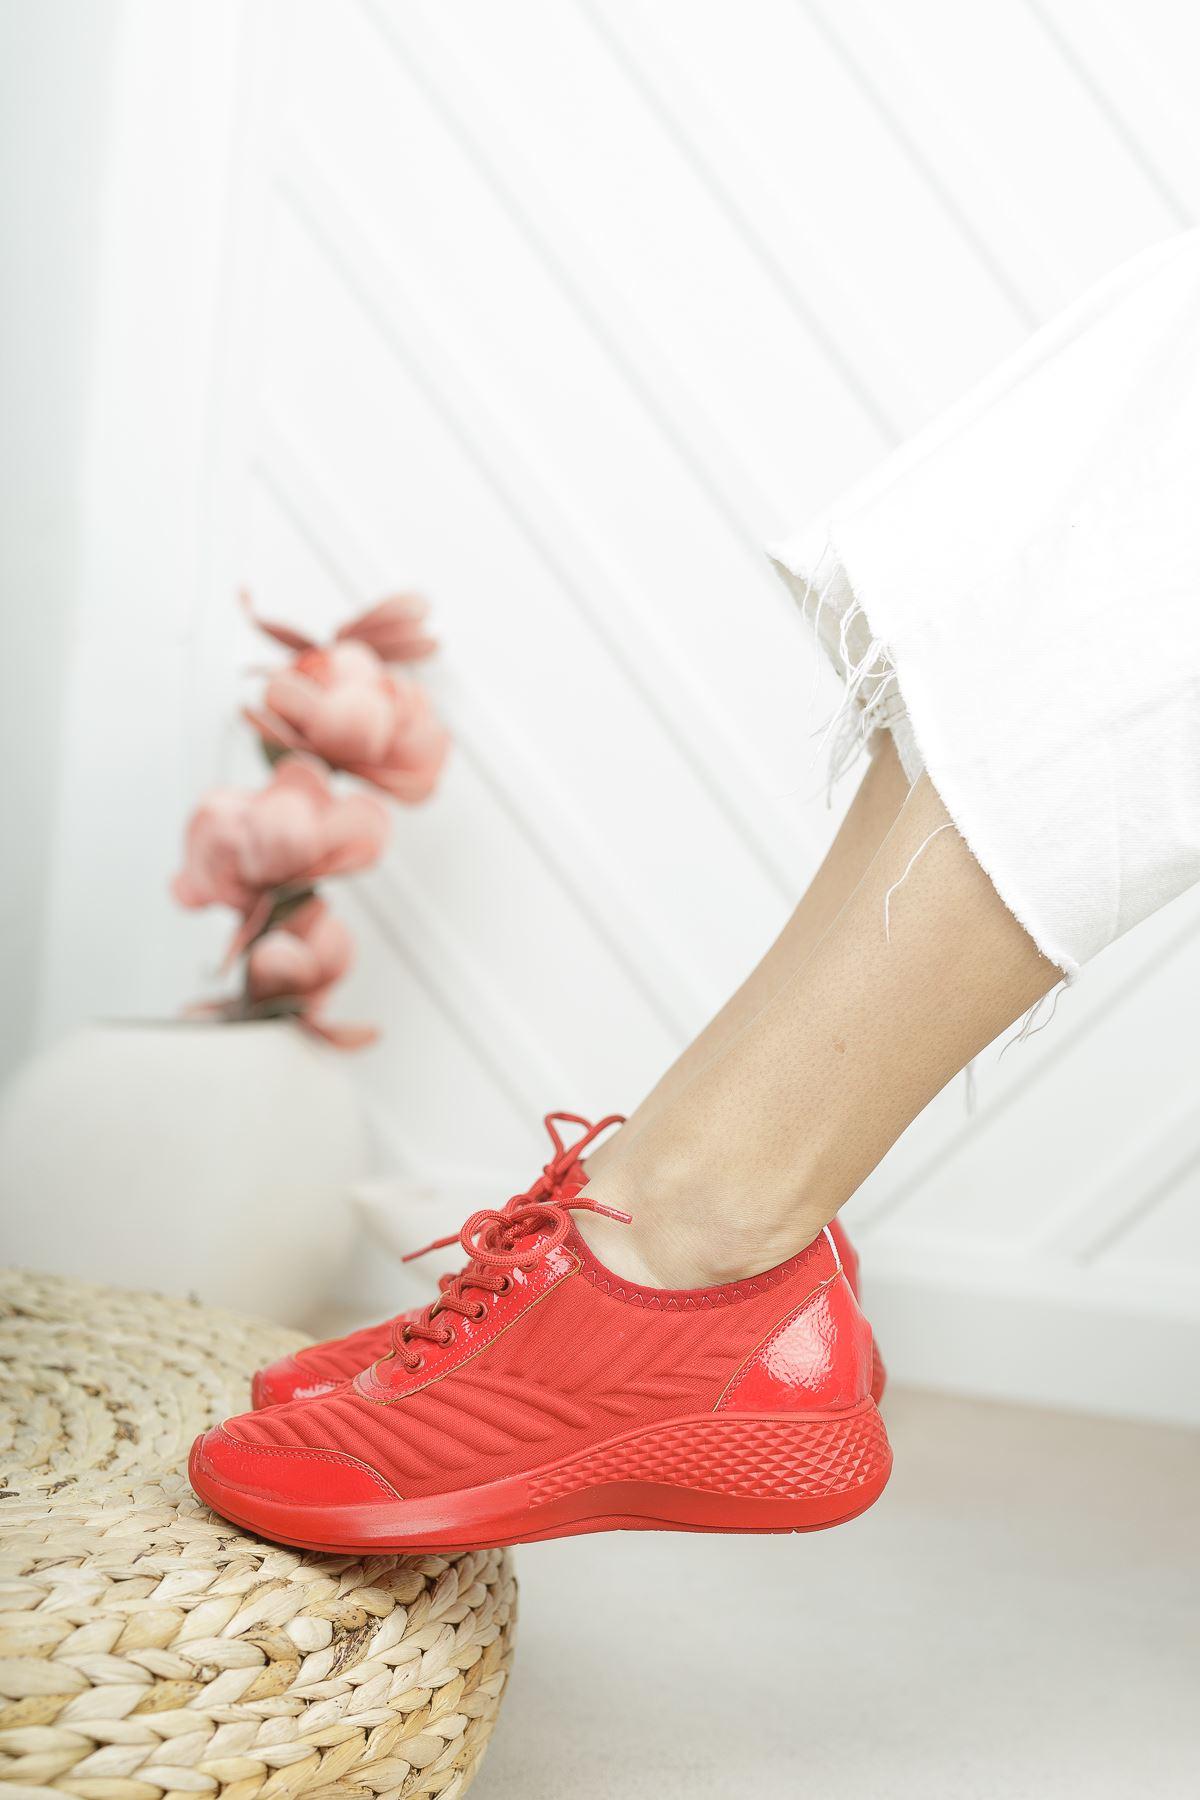 Verda Kırmızı Parlak Bağcıklı Triko Kadın Spor Ayakkabı